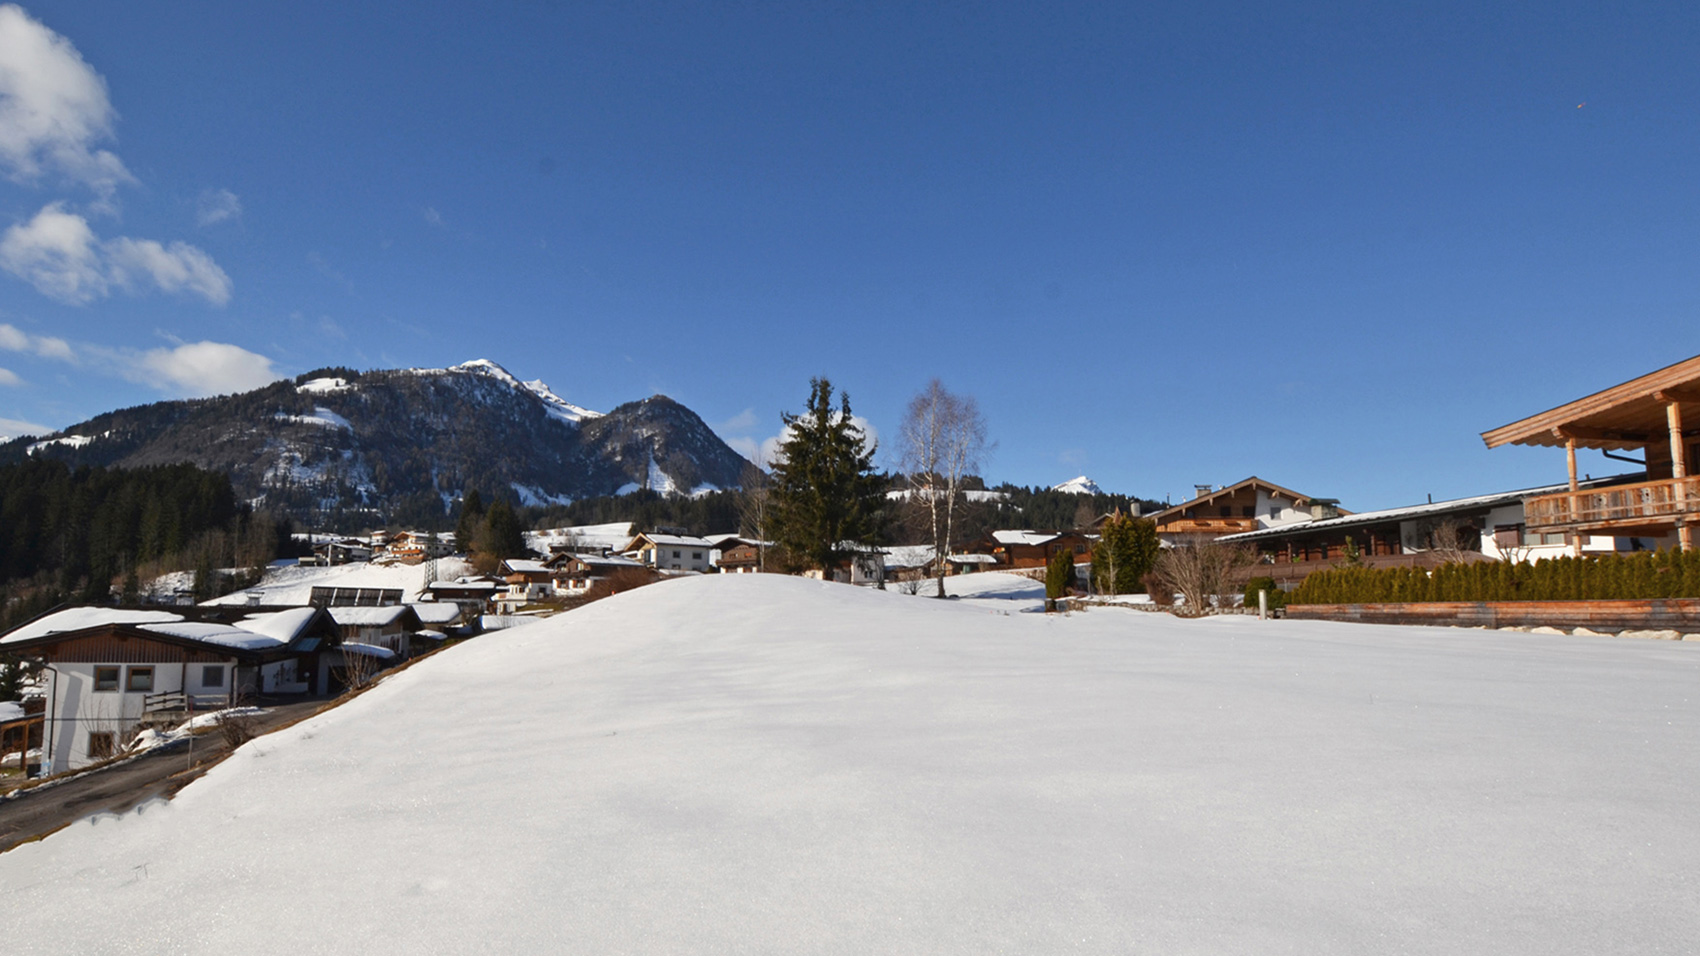 Fieberbrunn Chalets Chalet, Austria